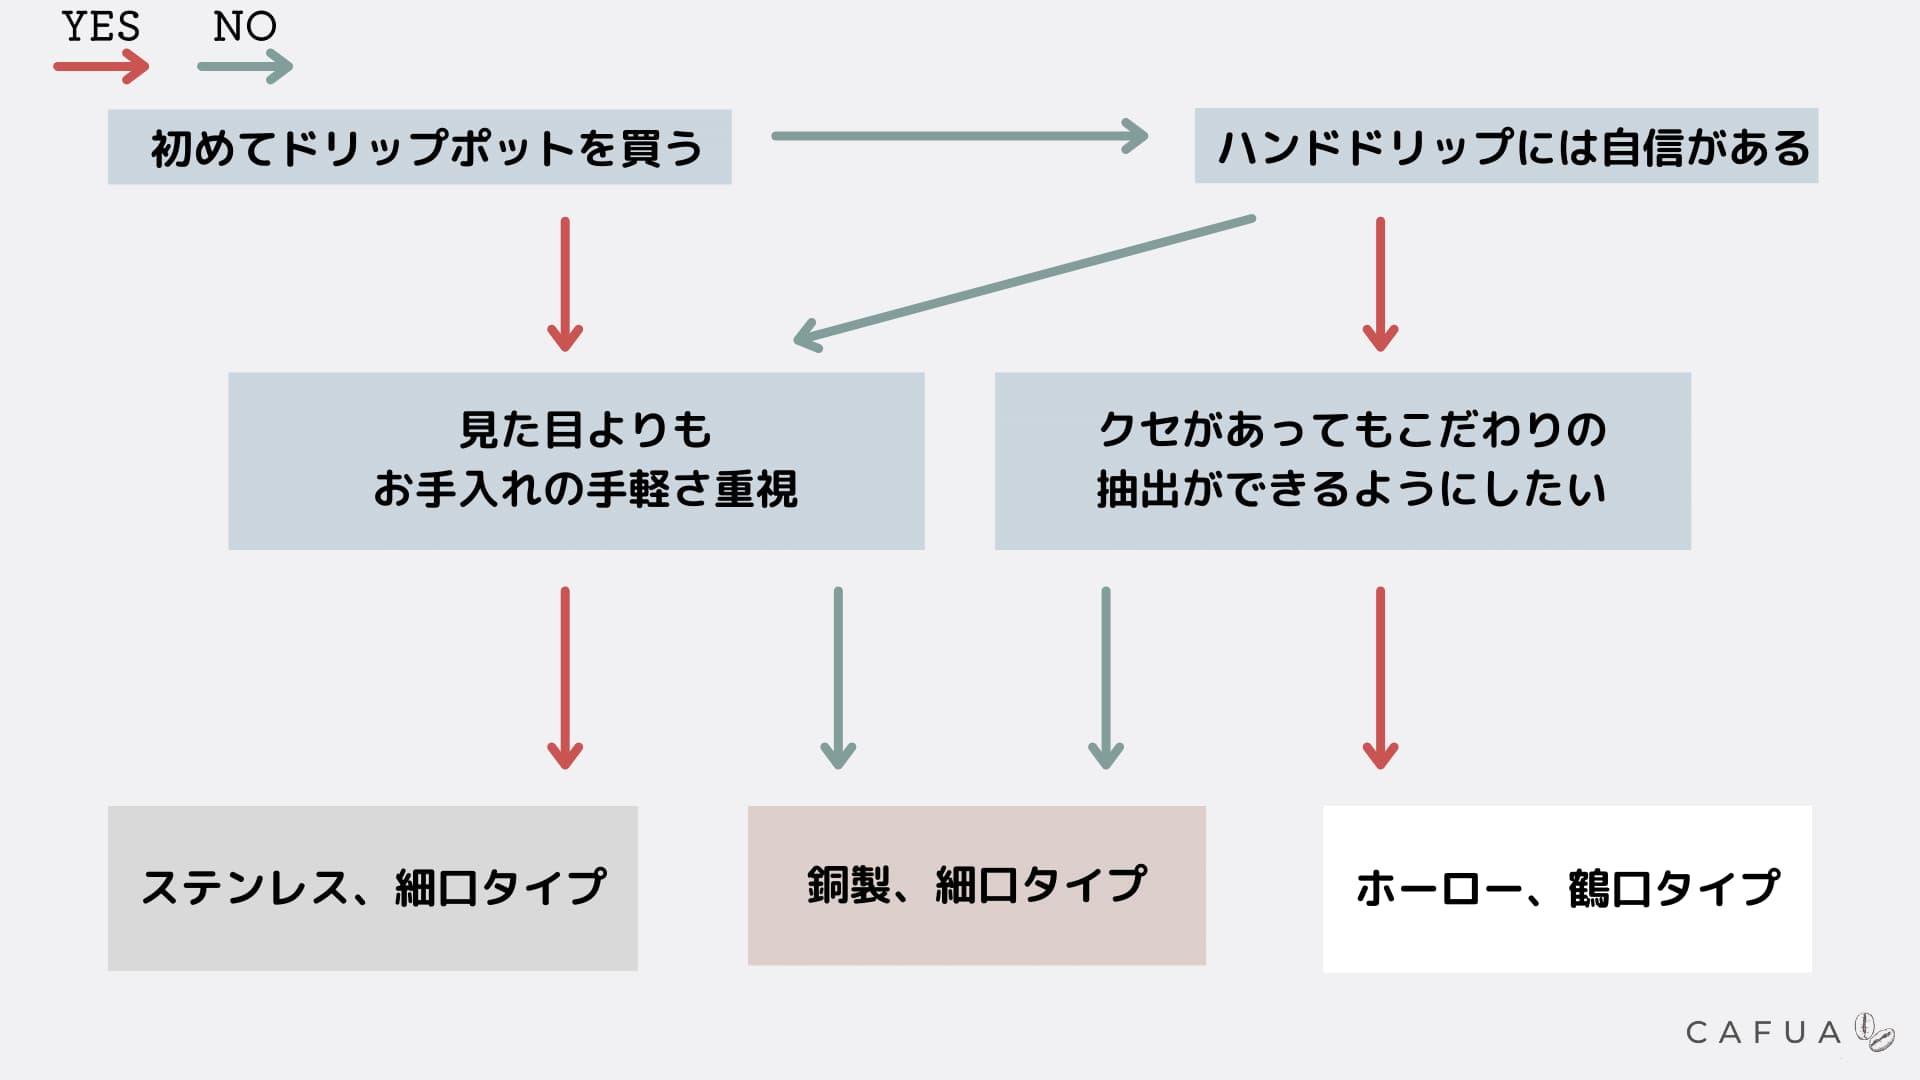 ドリップポットYES/NOチャート